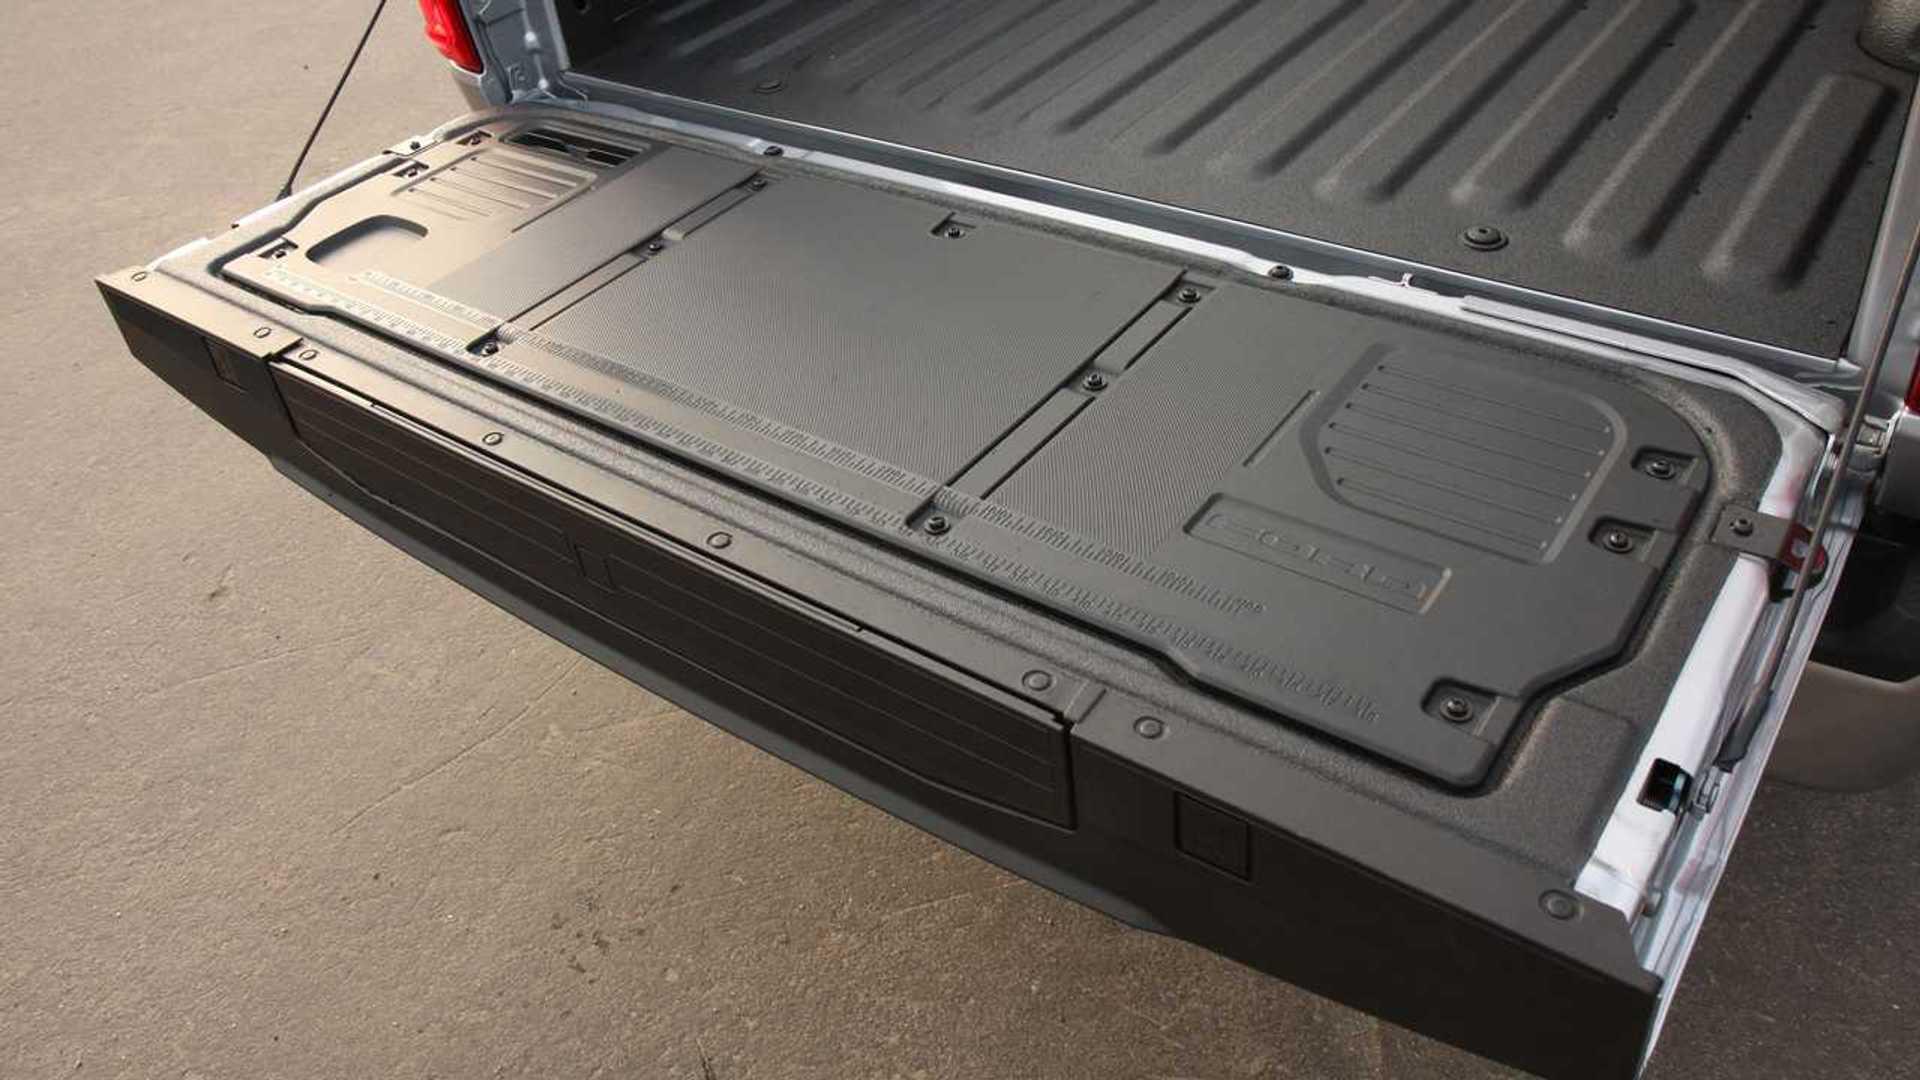 Торговая марка Ford Flexbed может стать конкурентом GMC MultiPro в задней двери